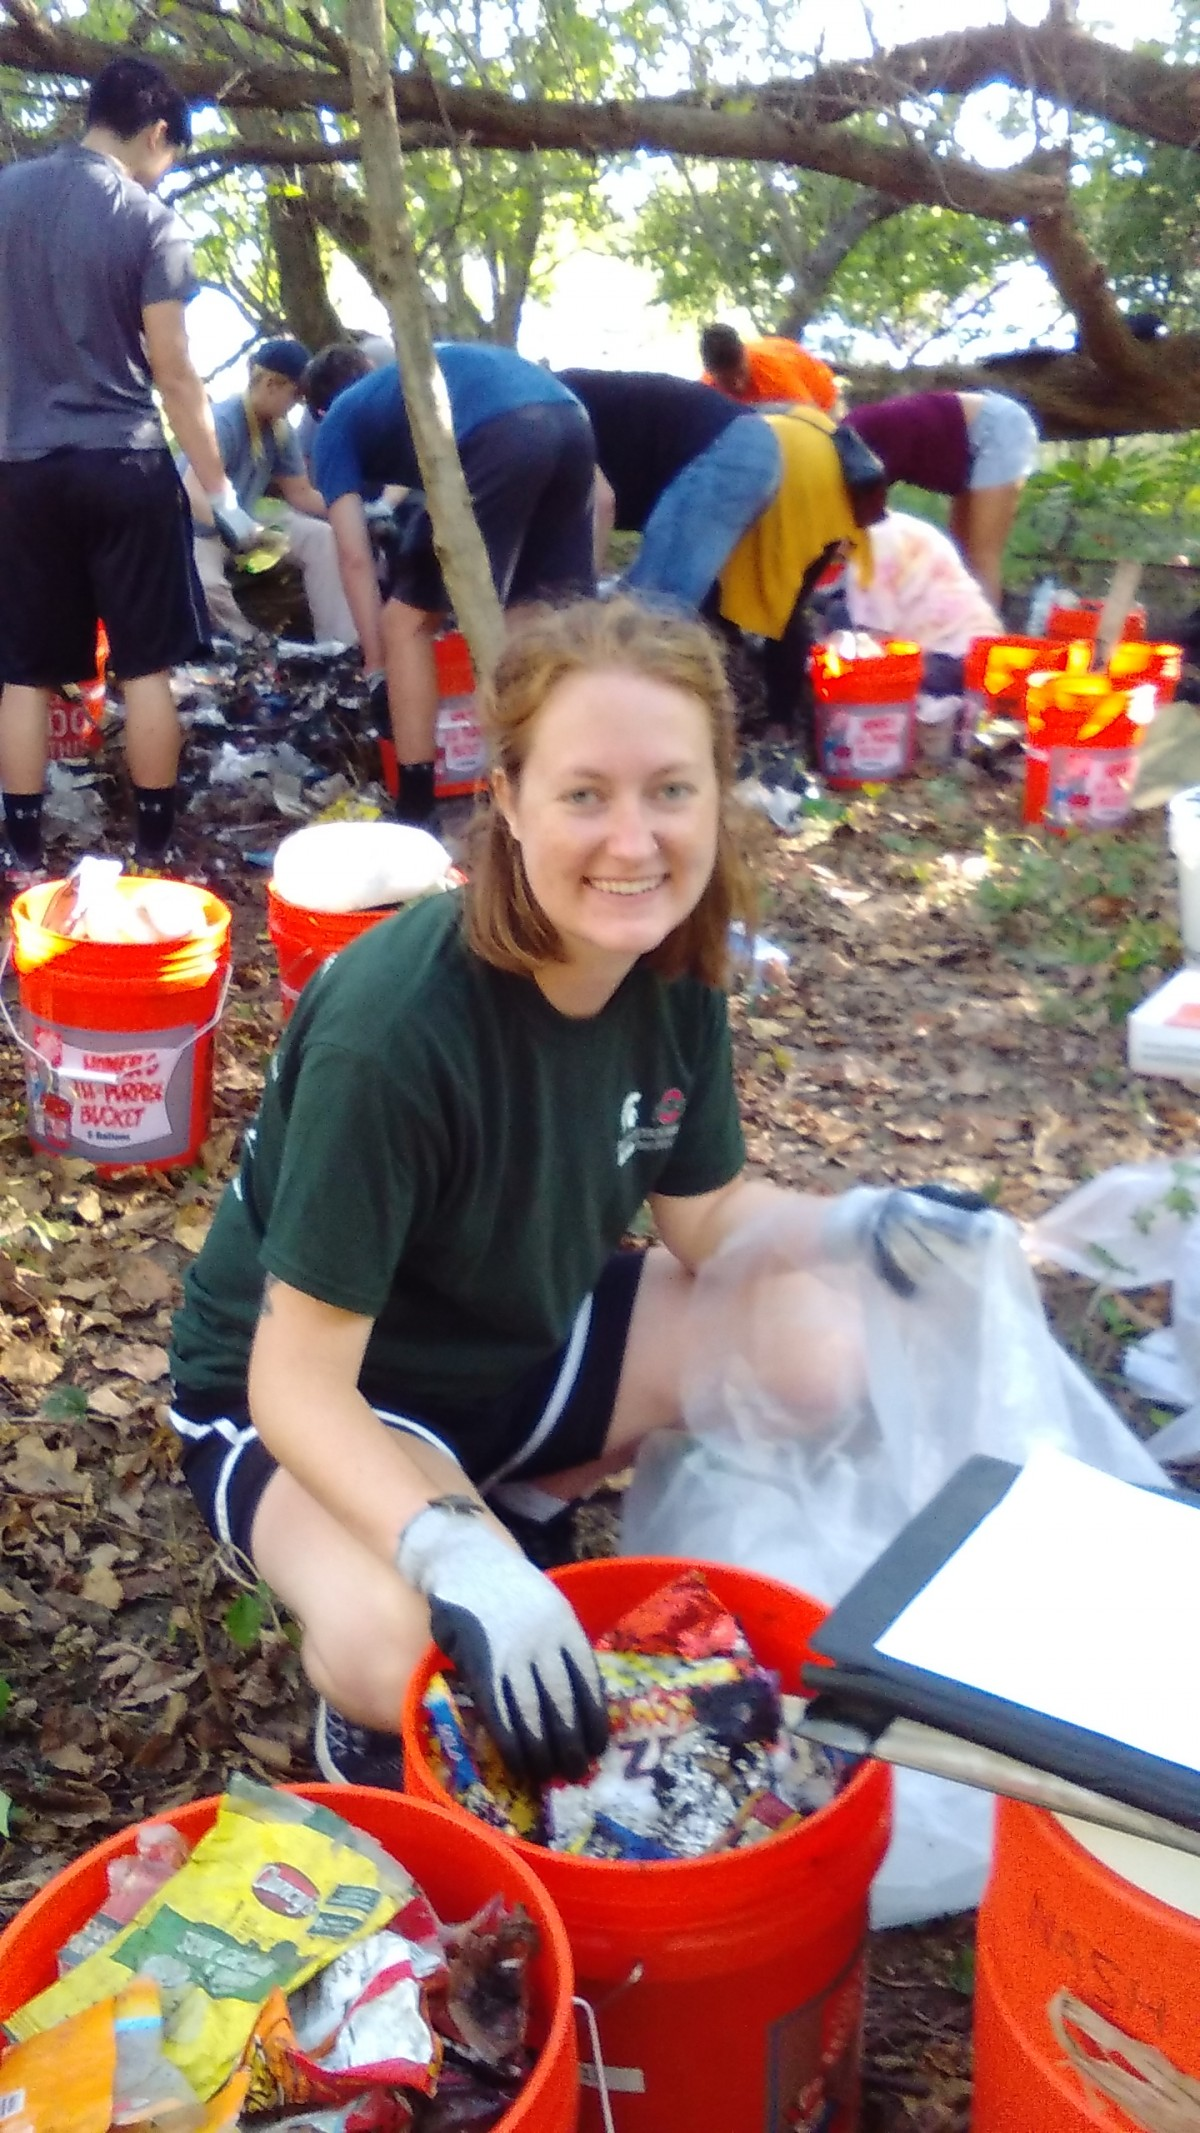 CANCELLED: Trash Sorting Challenge at Nash Run